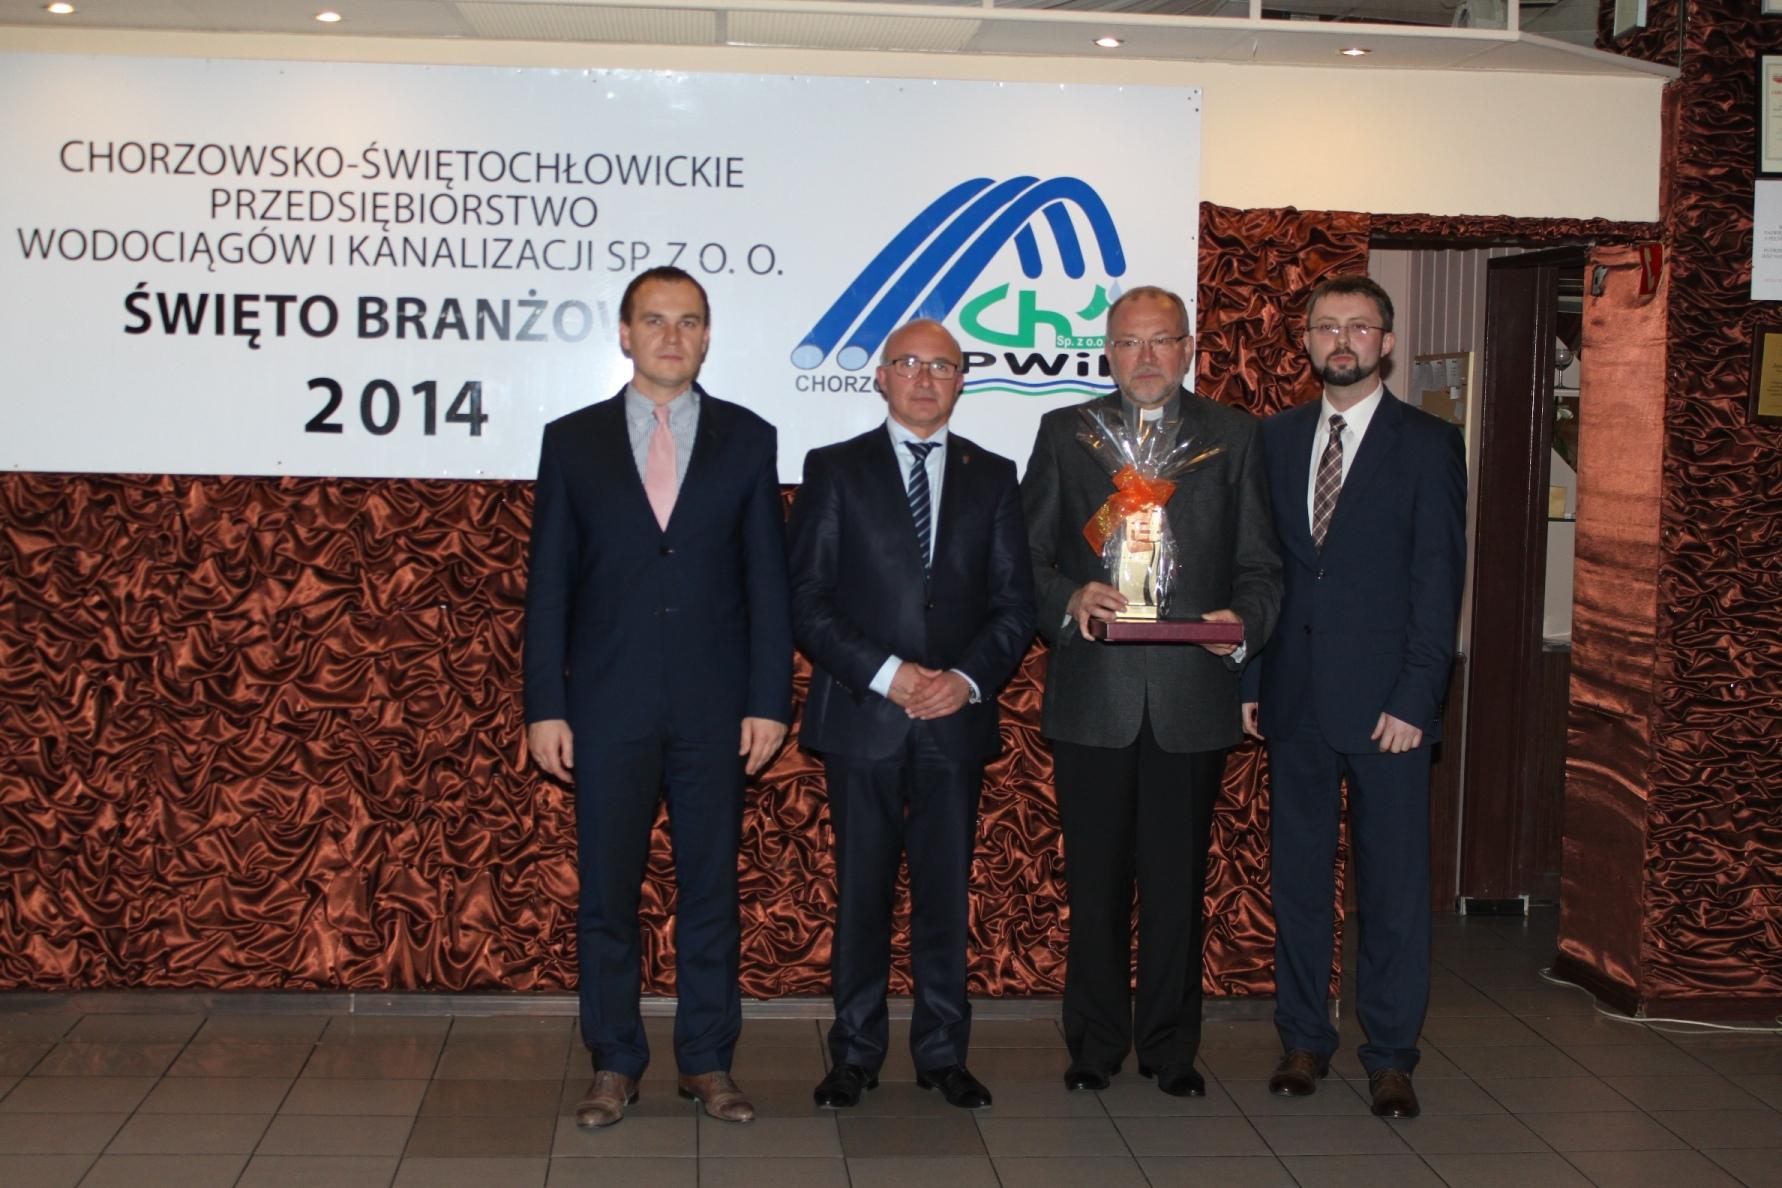 Krajowy Duszpasterz po otrzymaniu nagrody z rąk Prezydenta Miasta Chorzowa i Świętochłowic oraz Prezesa PW i K